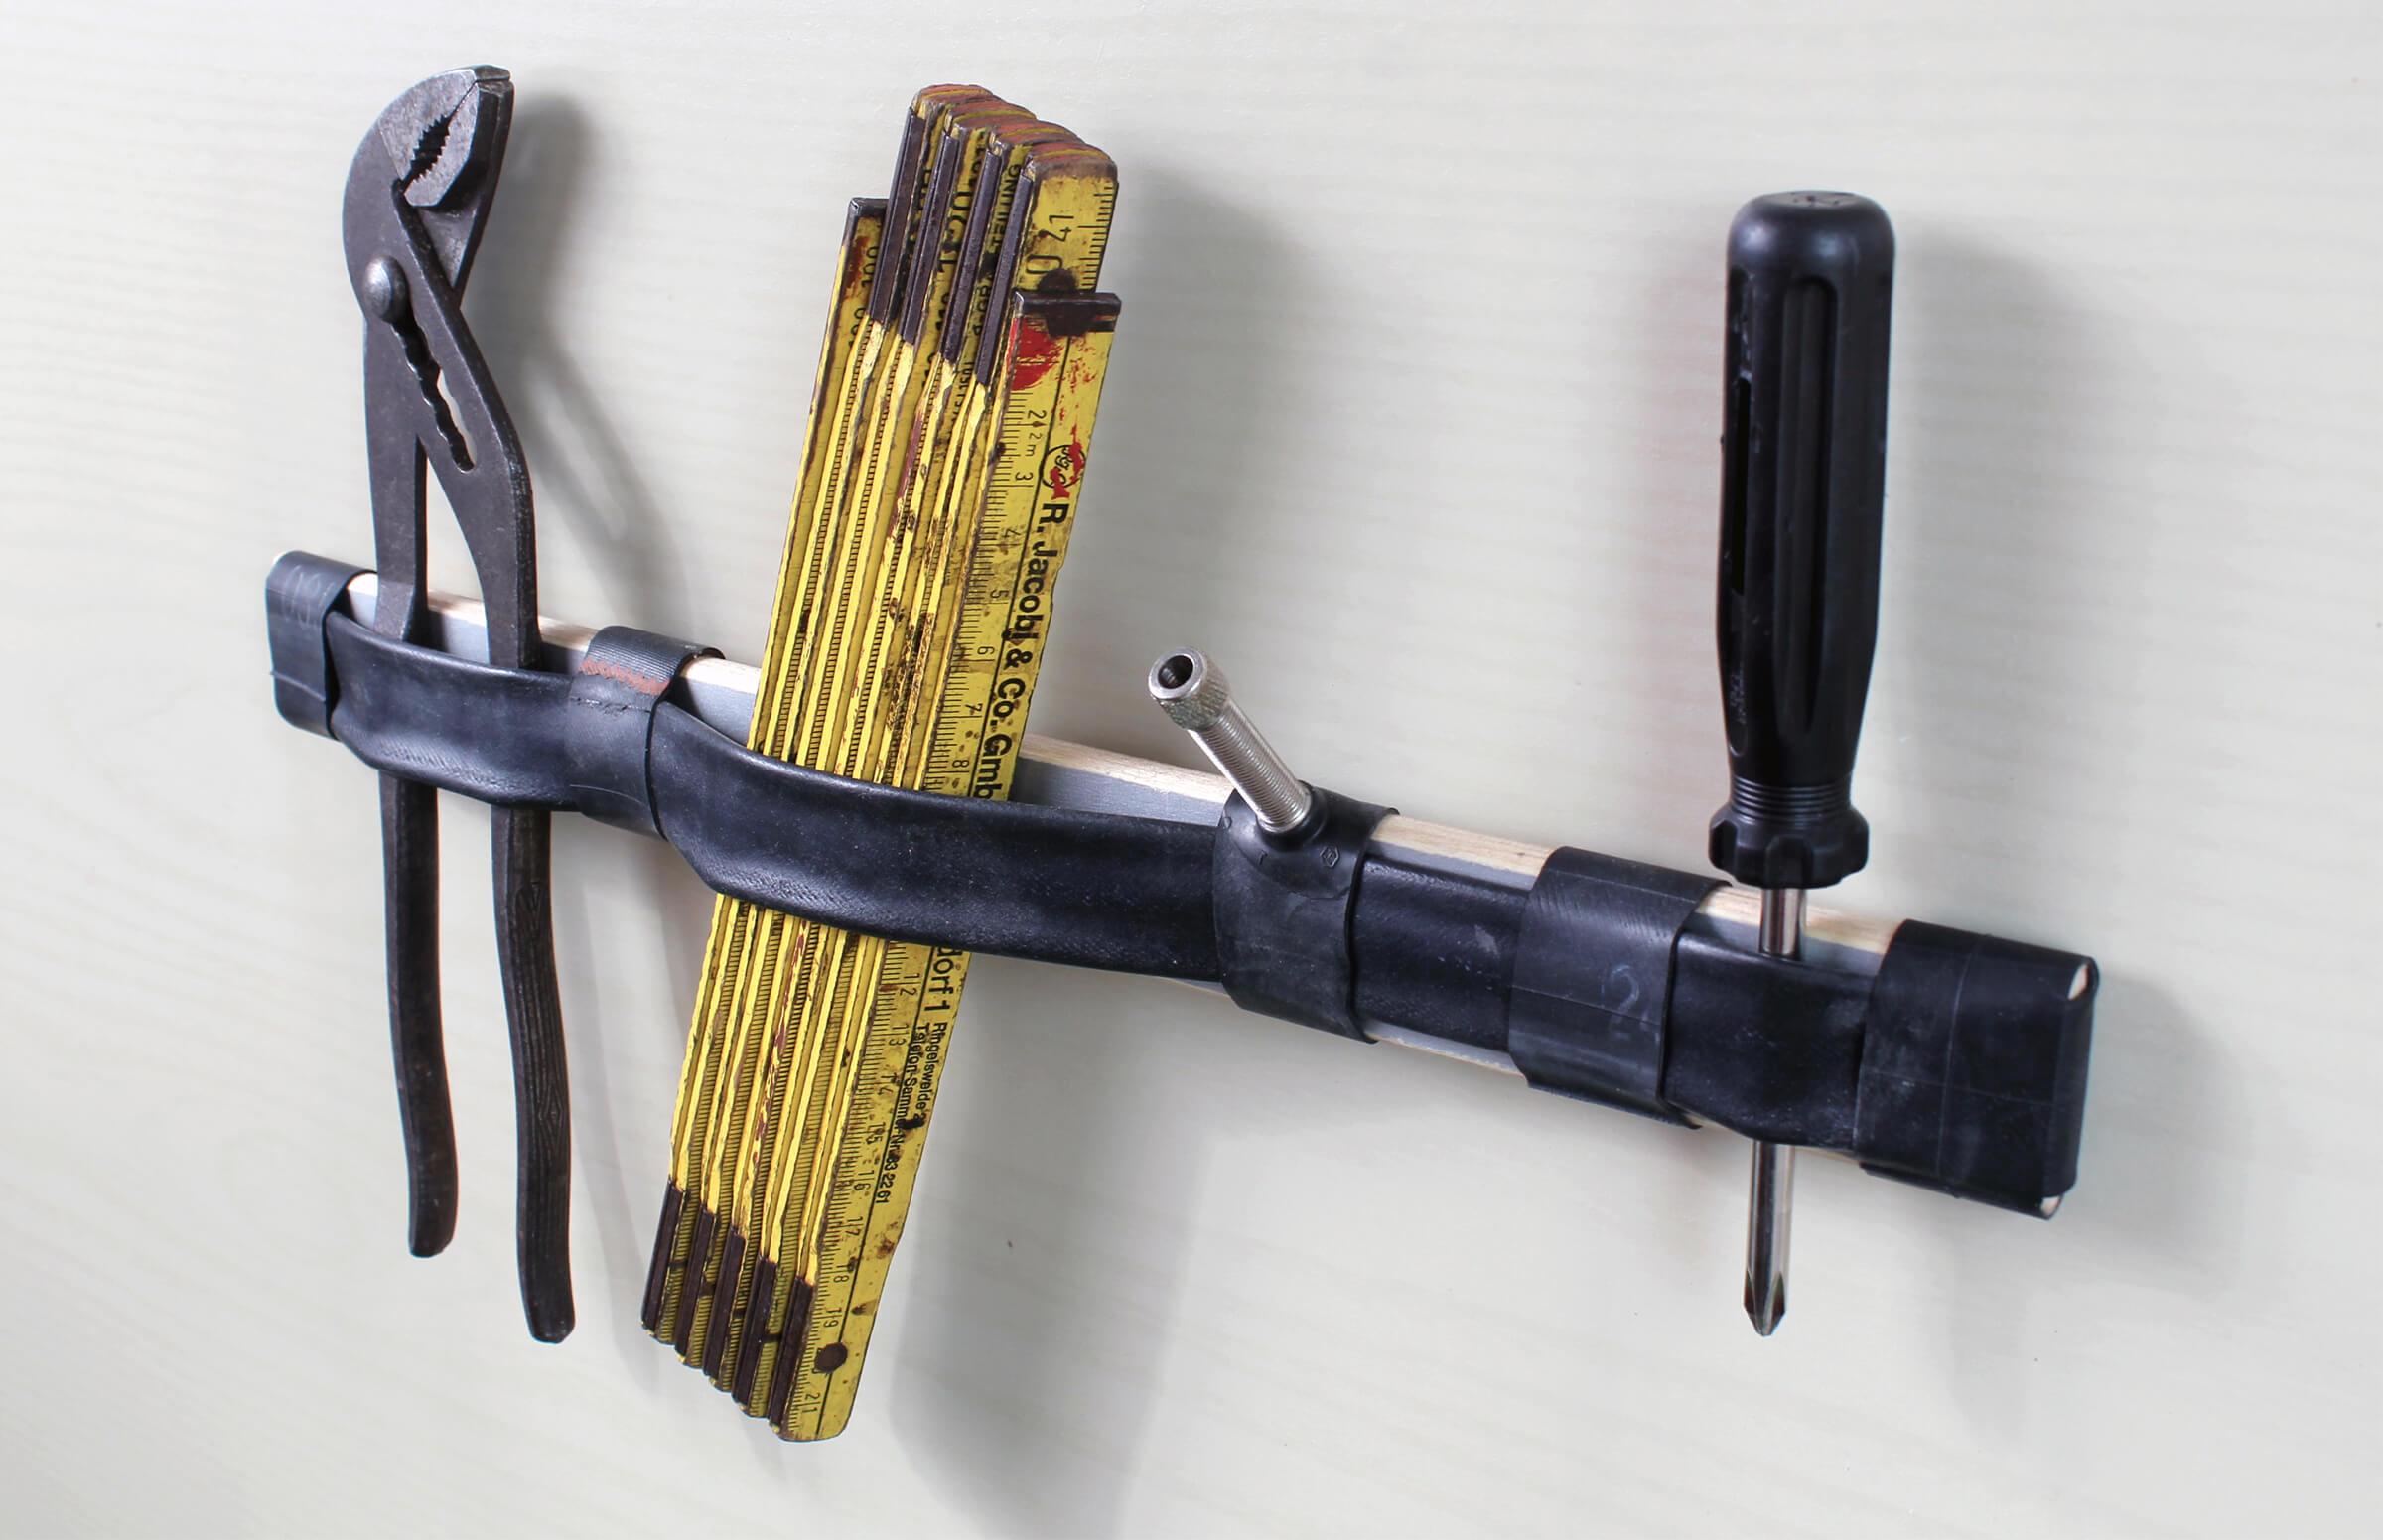 Ja, das ist ein Upcycling-Schlüsselbrett. (Foto: Gregor Halberstadt)